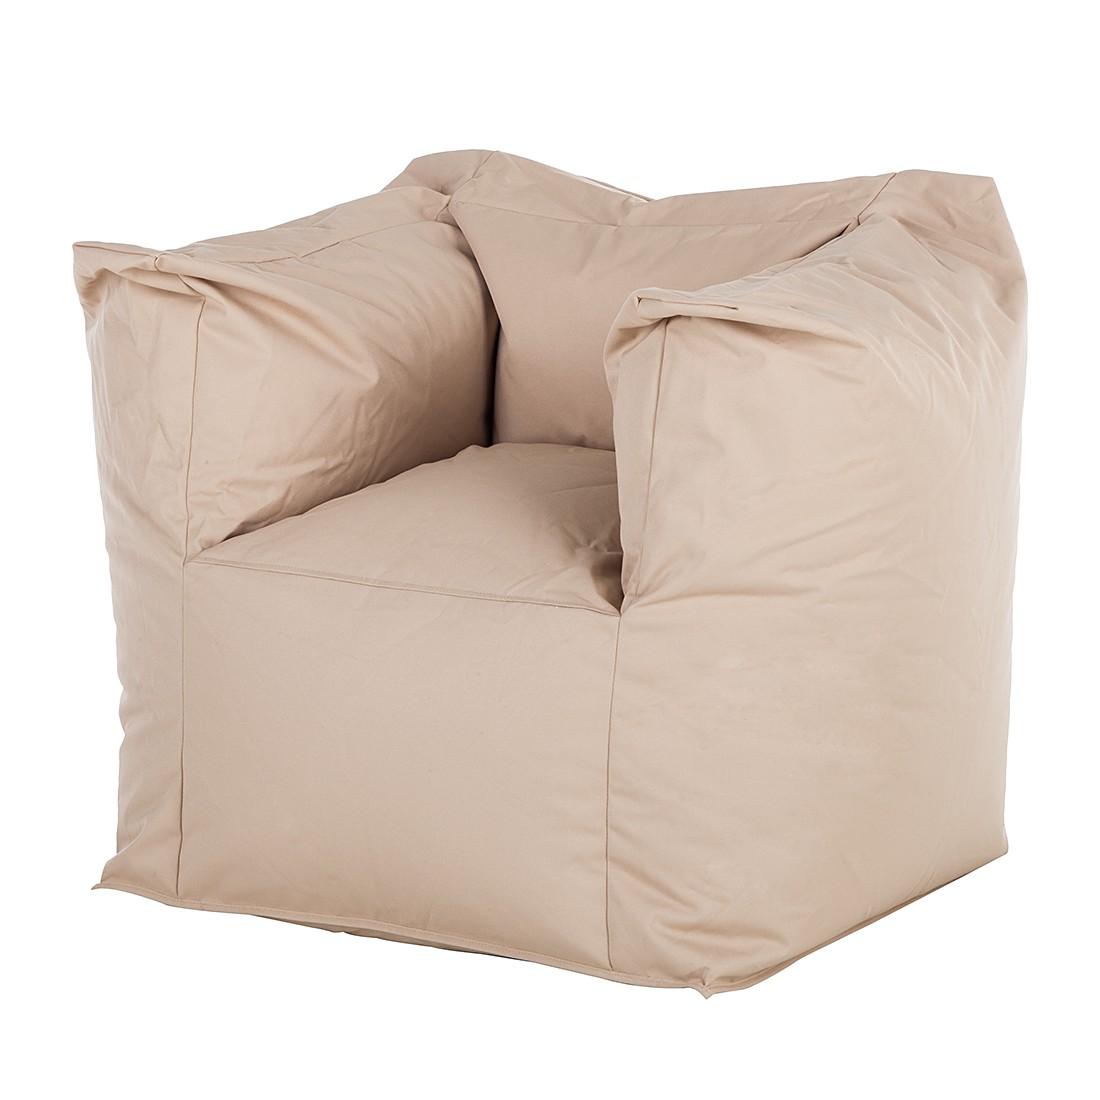 Sitzsessel Valley Plus – Stoff Beige, OUTBAG günstig bestellen